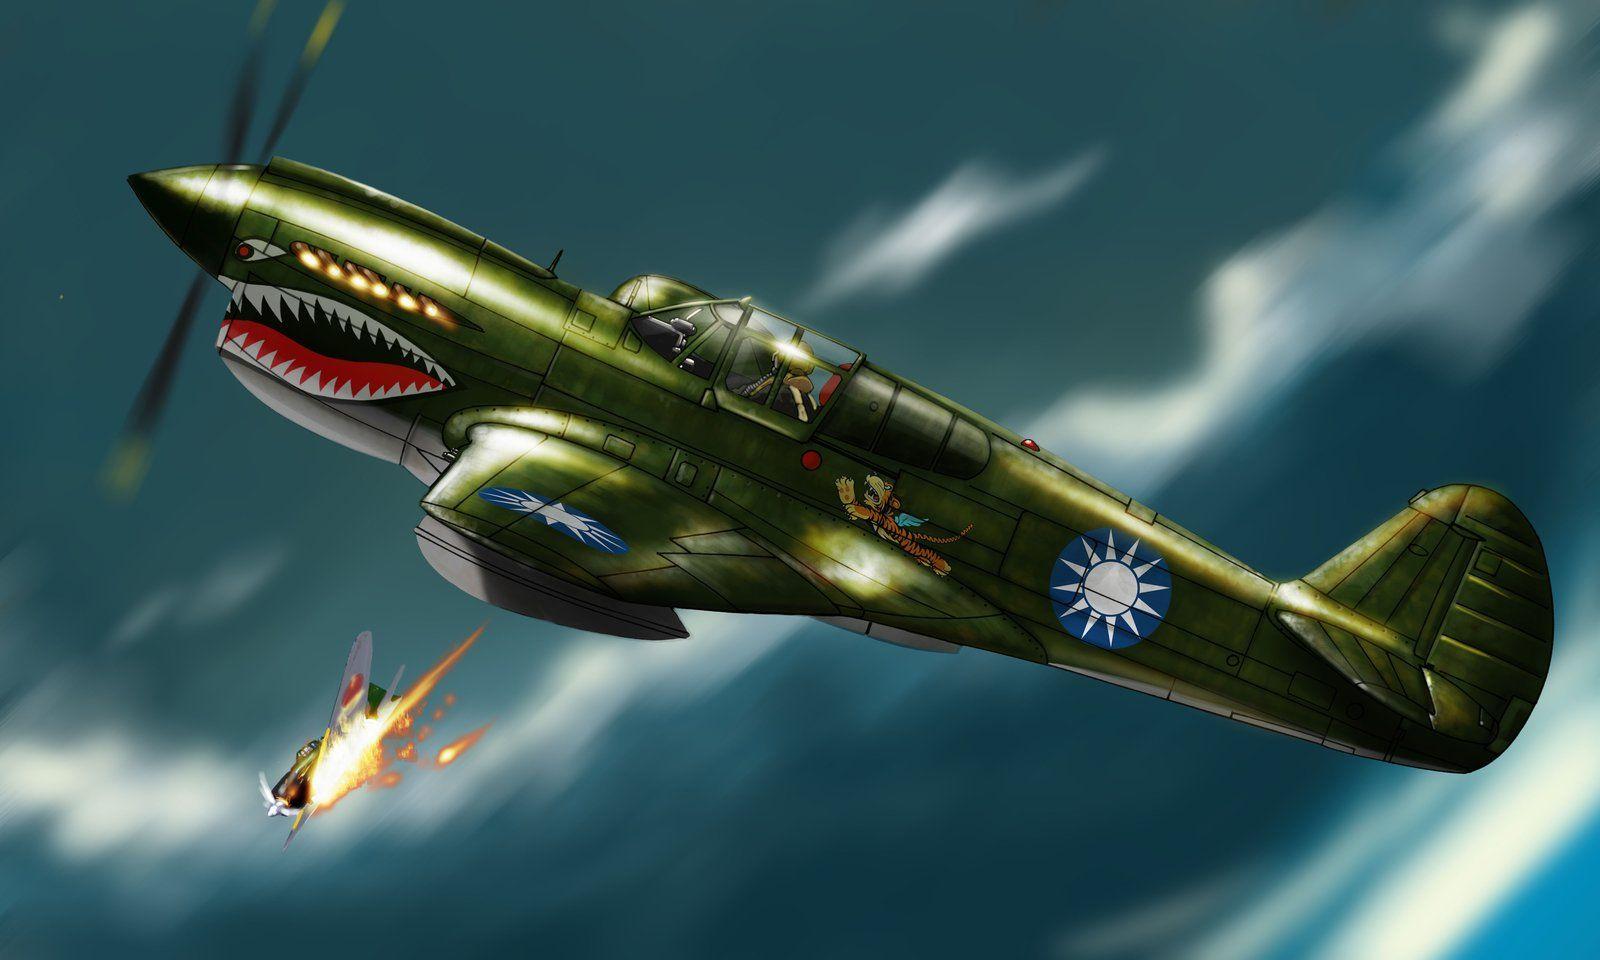 P-40 Warhawk | Airplanes | Pinterest